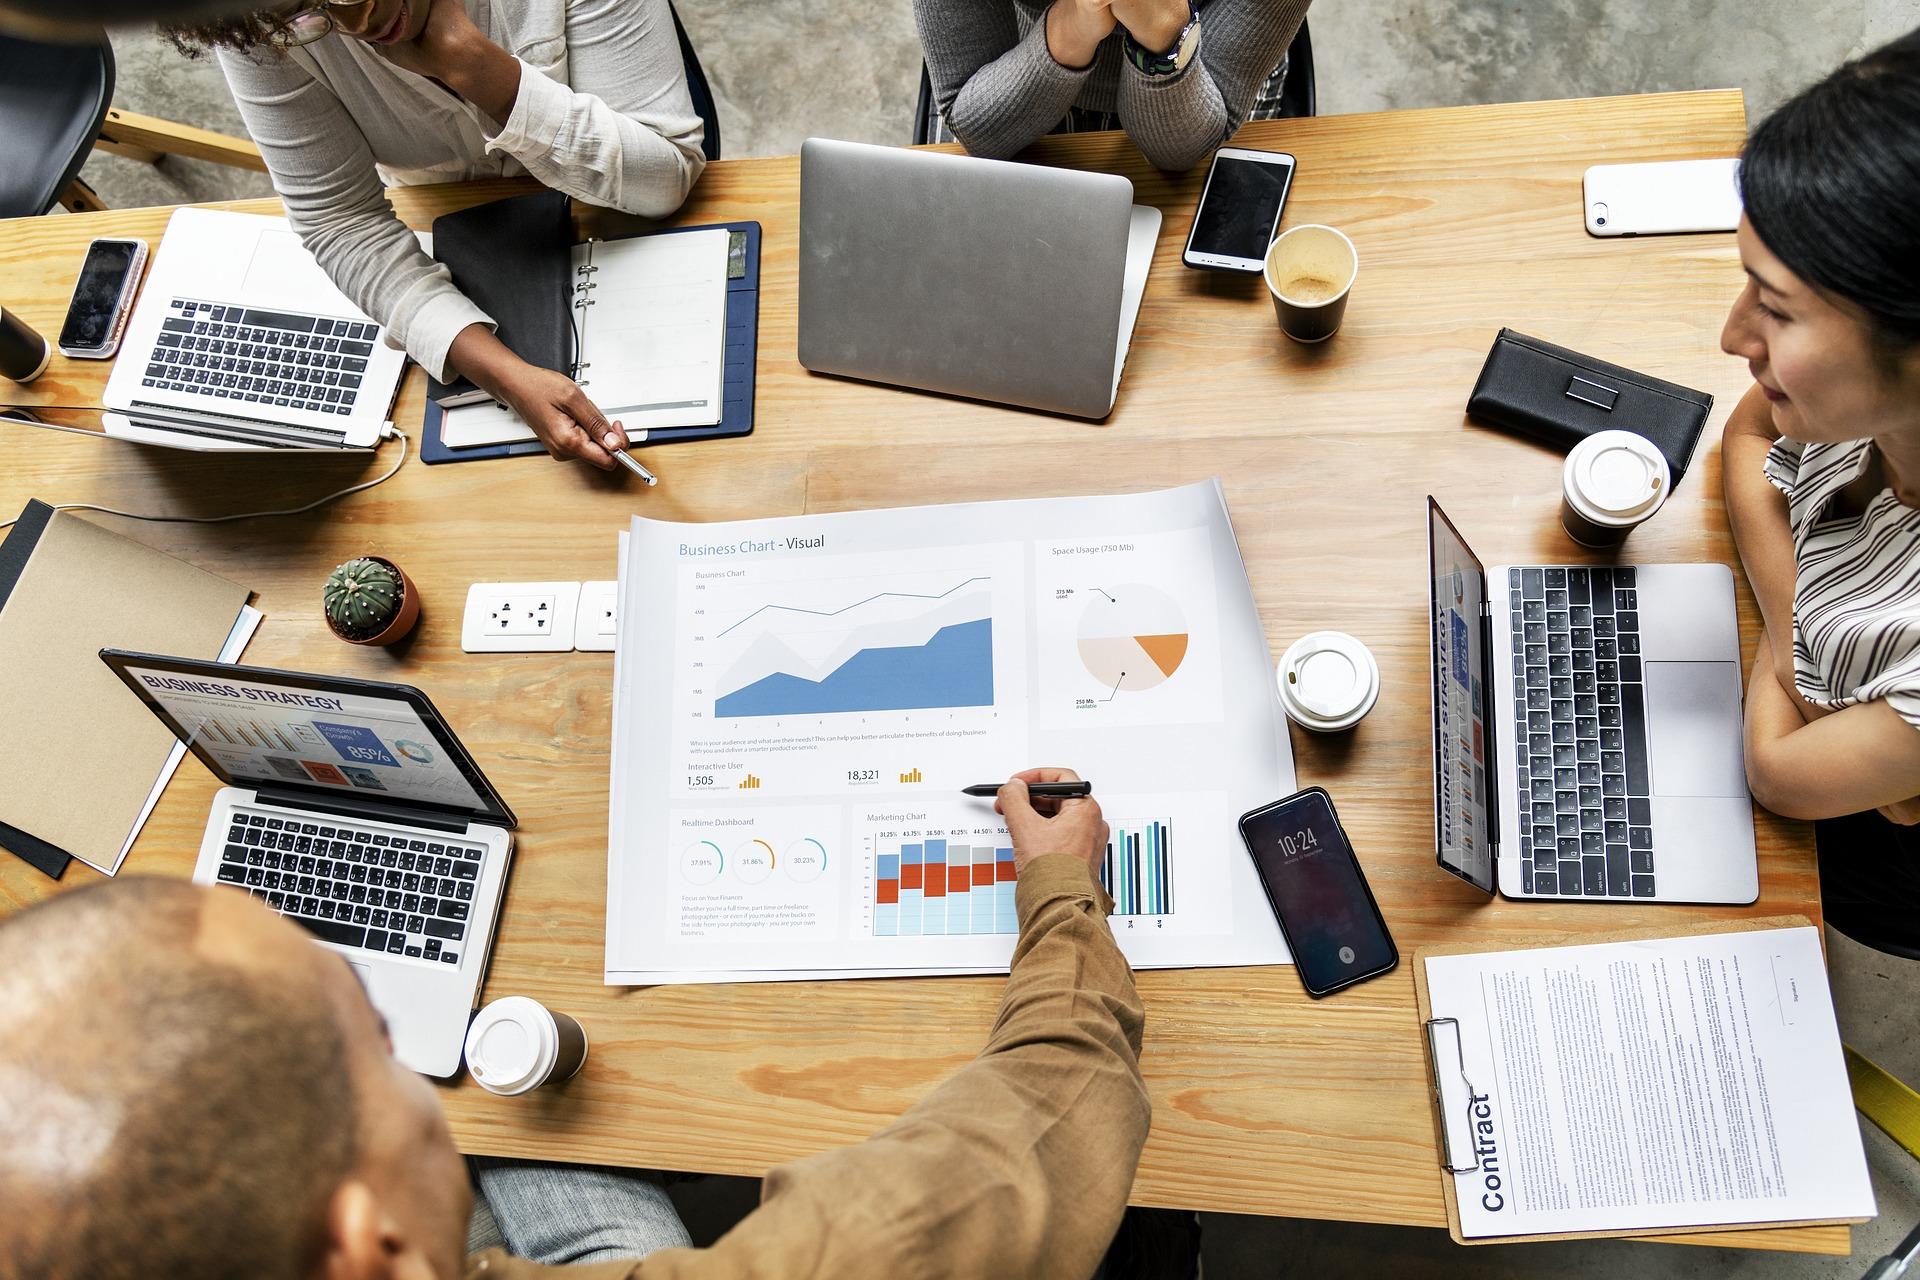 Curso de Iniciación: Introducción al Análisis de Negocio